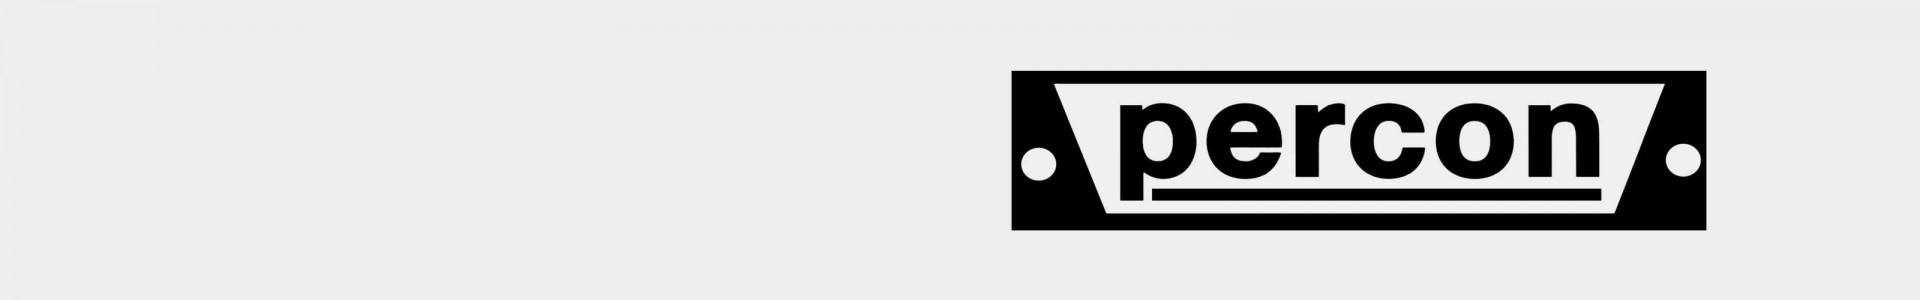 Cables Percon para aplicaciones multimedia VGA HDMI DVI - Avacab